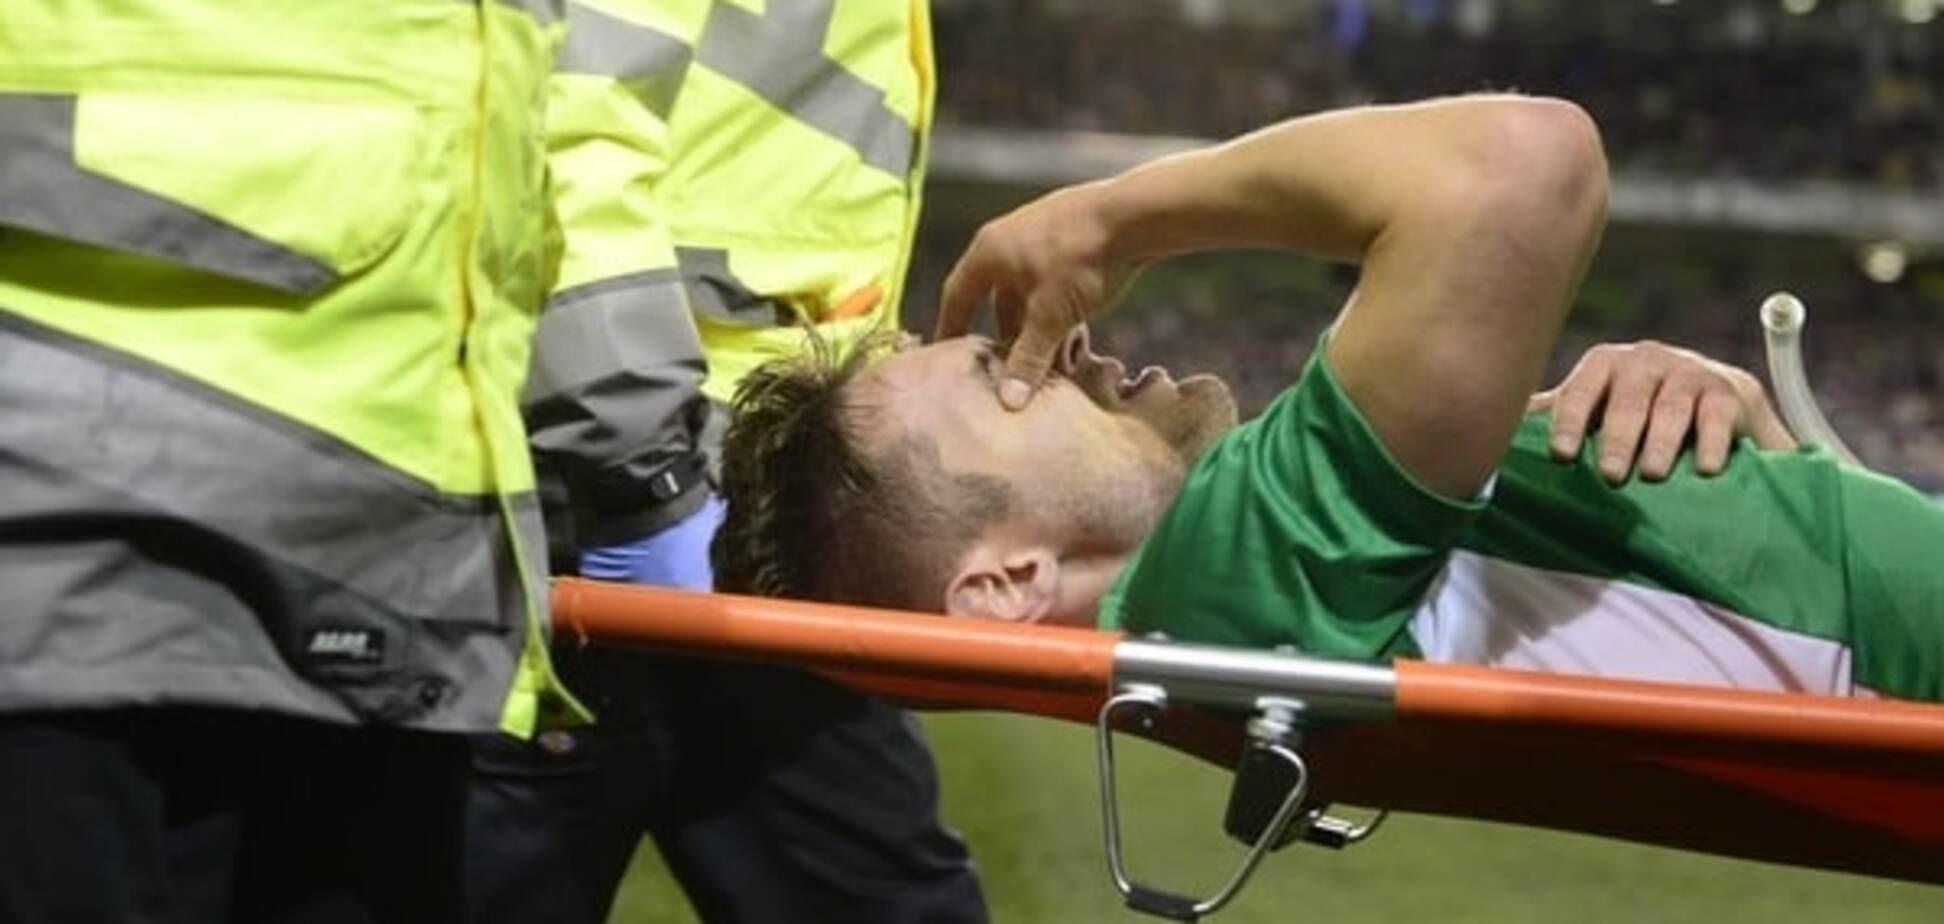 Ірландський футболіст отримав страшну травму в товариському матчі: фото не для людей зі слабкими нервами